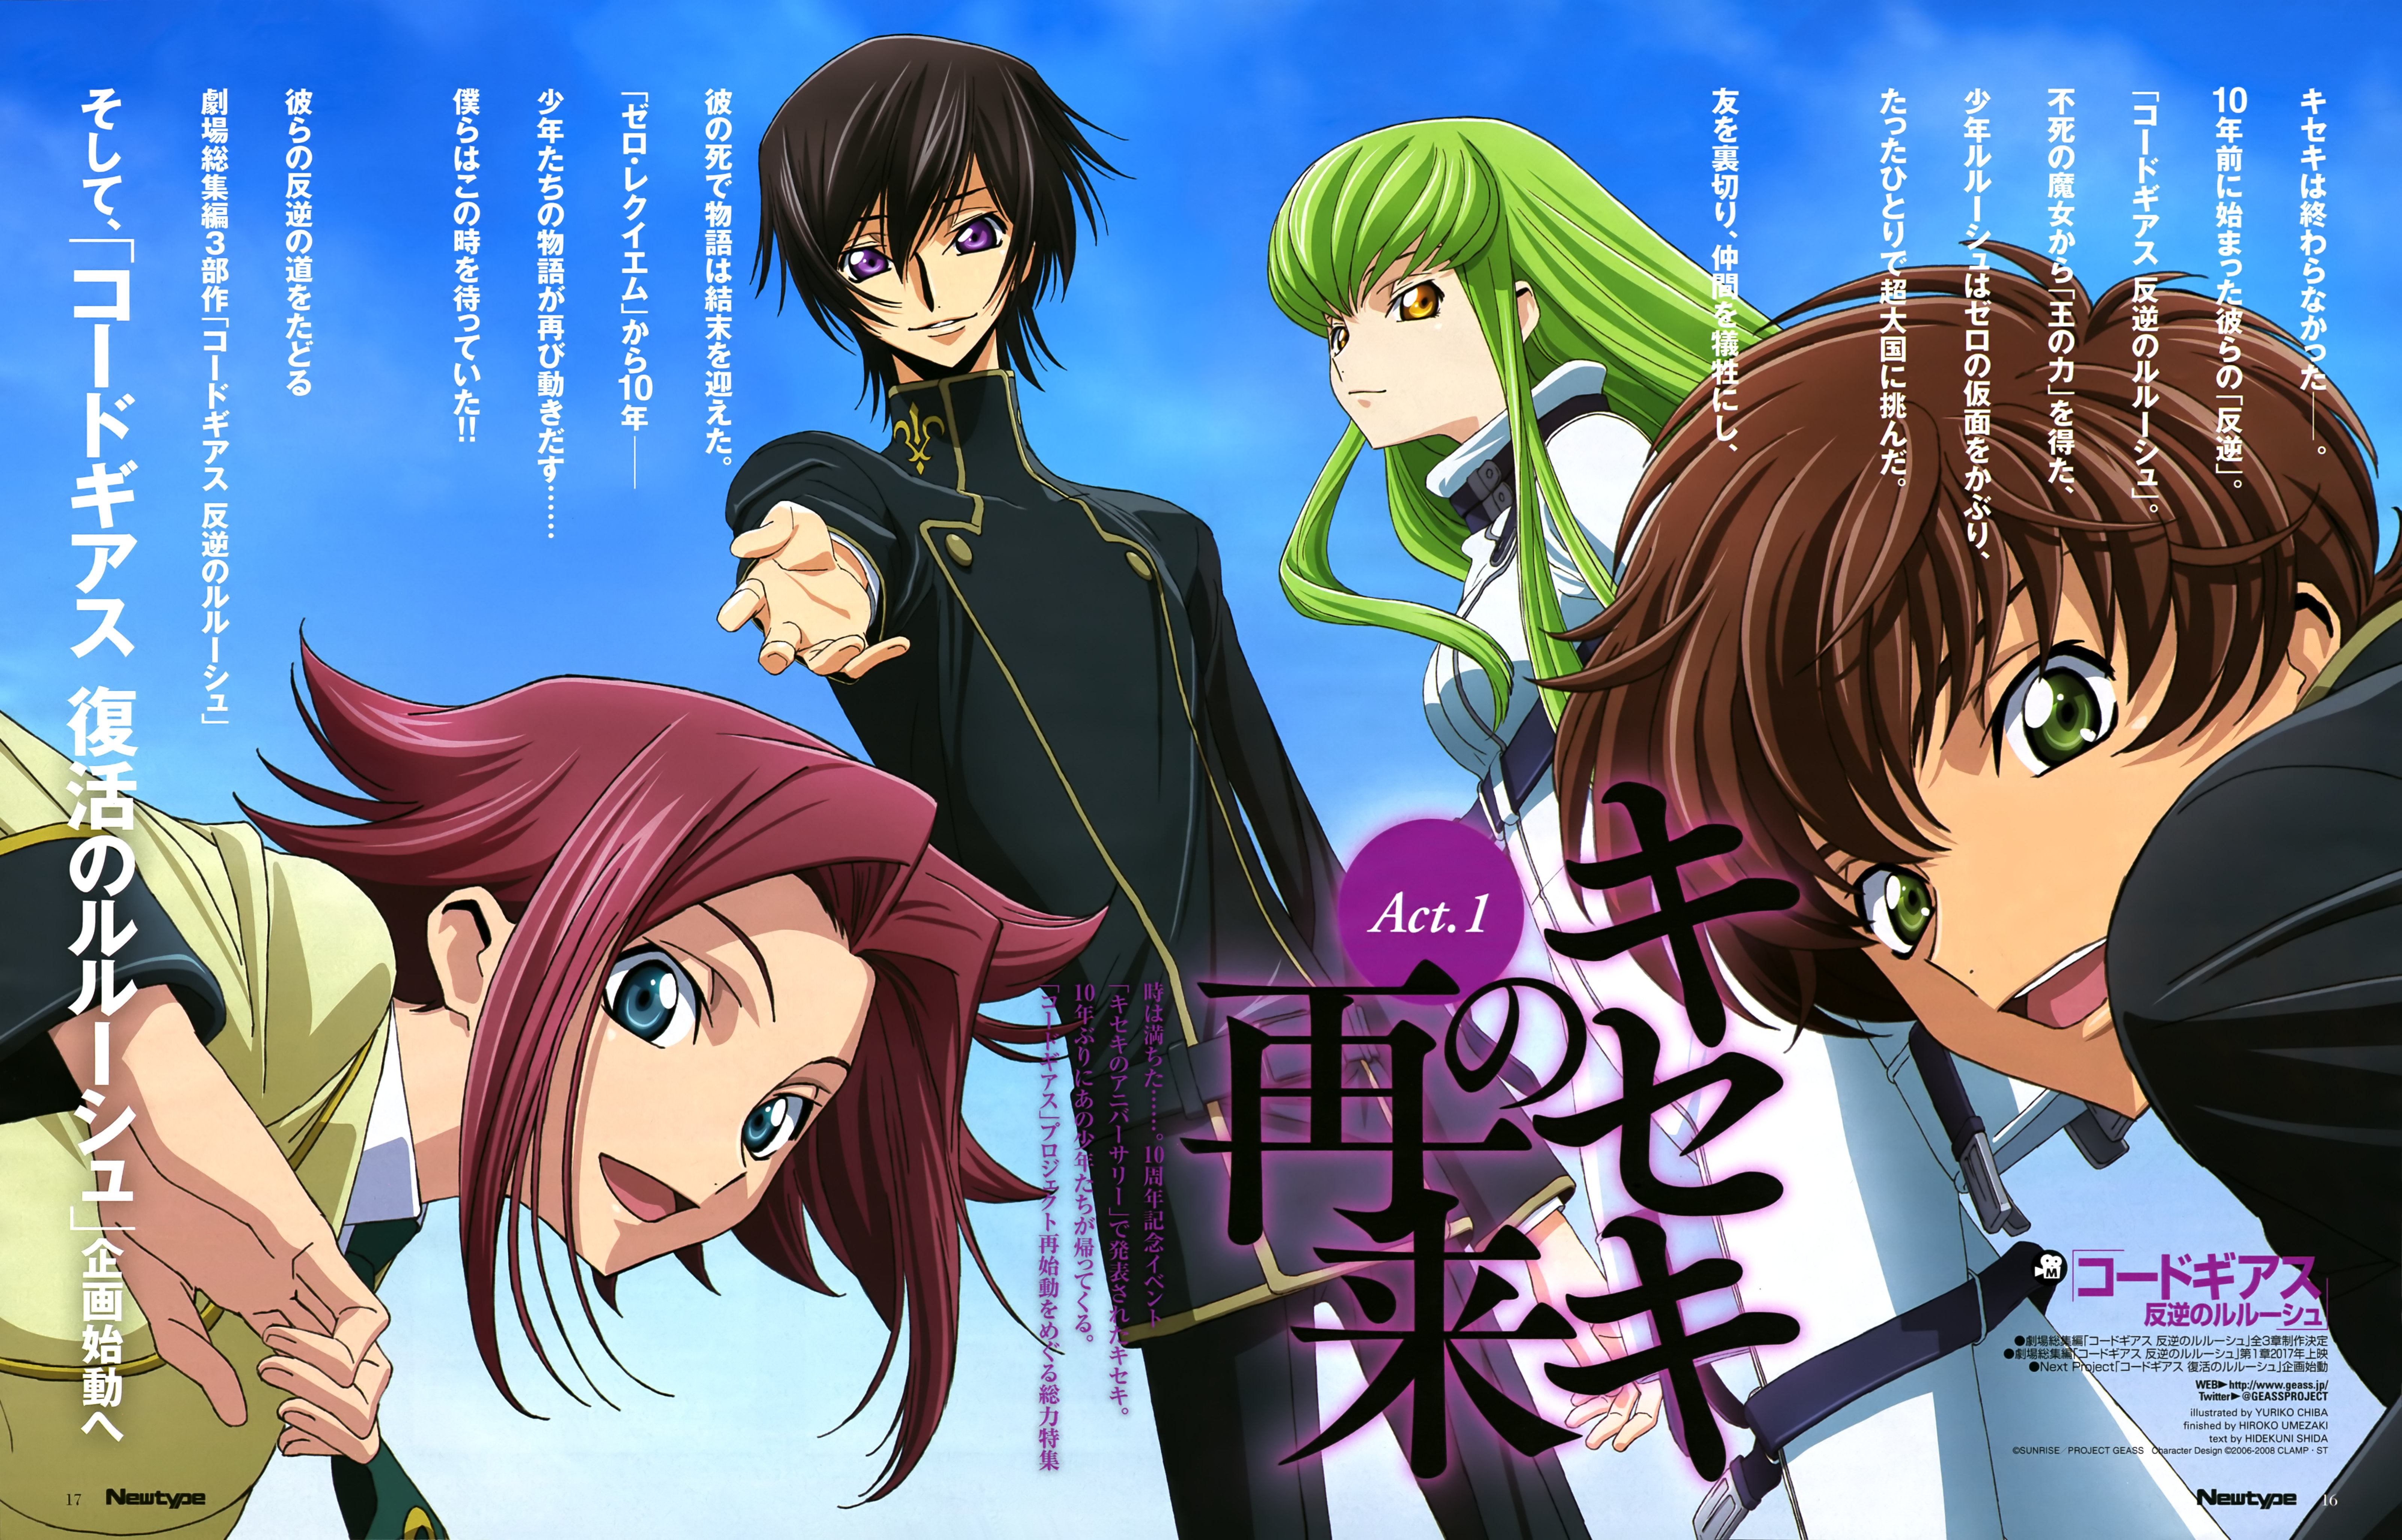 Kallen Stadtfeld, Female | page 12 - Zerochan Anime Image Board